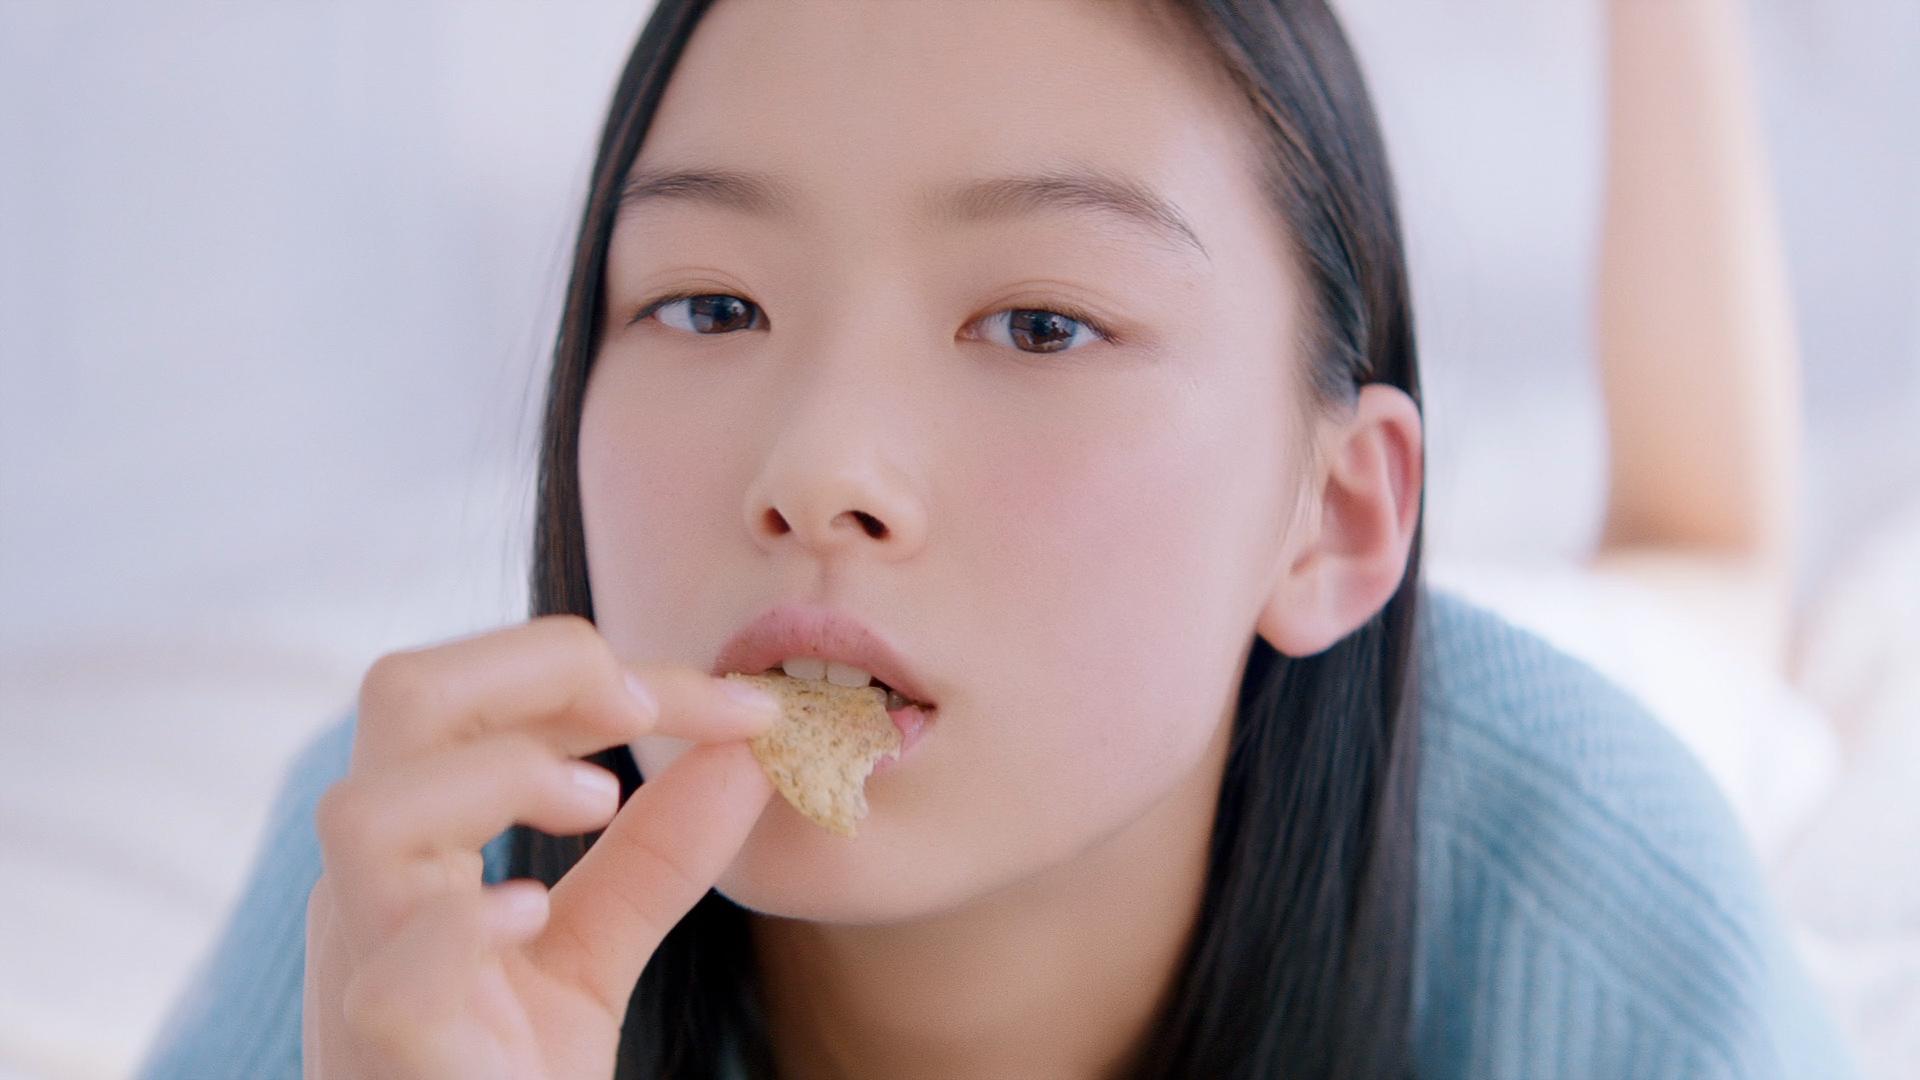 汐谷友希/湖池屋プライドポテト新TVCM『神のり塩』篇